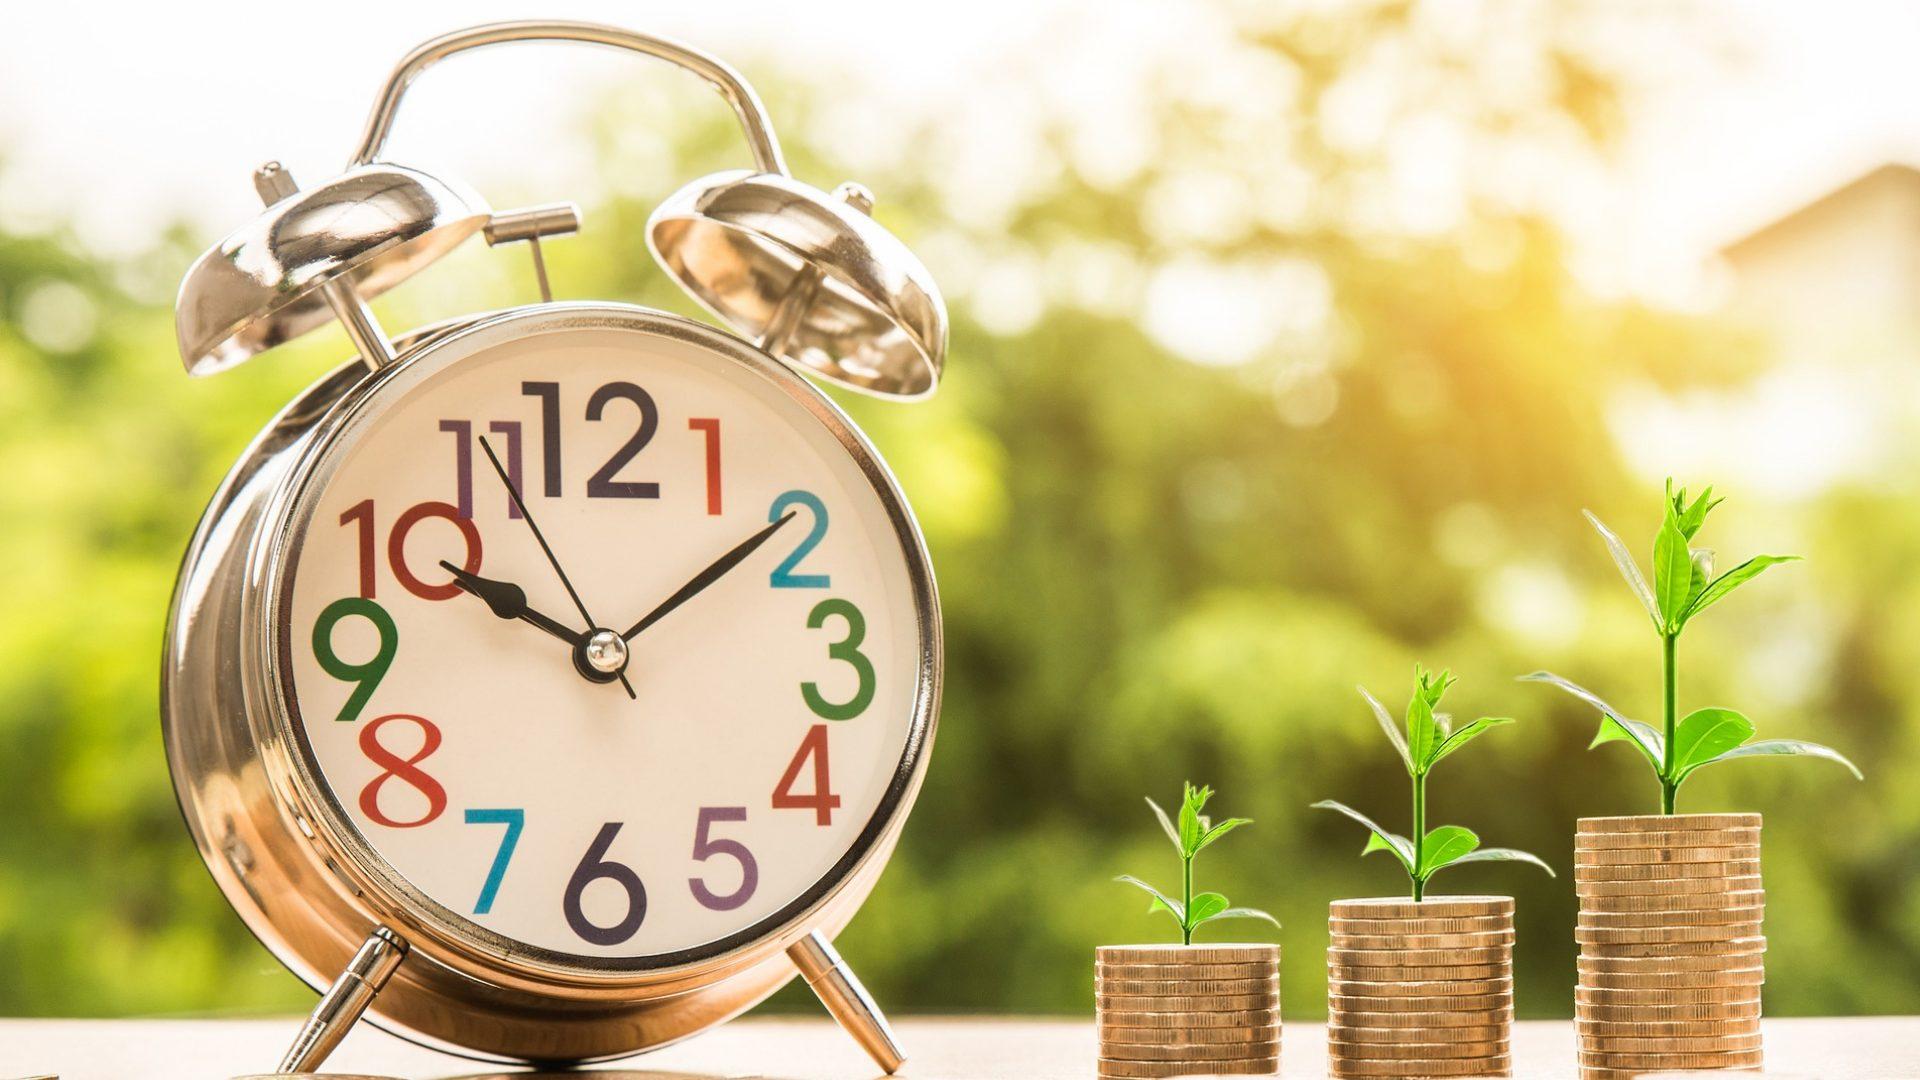 【最短即日融資可能】キャッシングおすすめ10選を徹底比較!